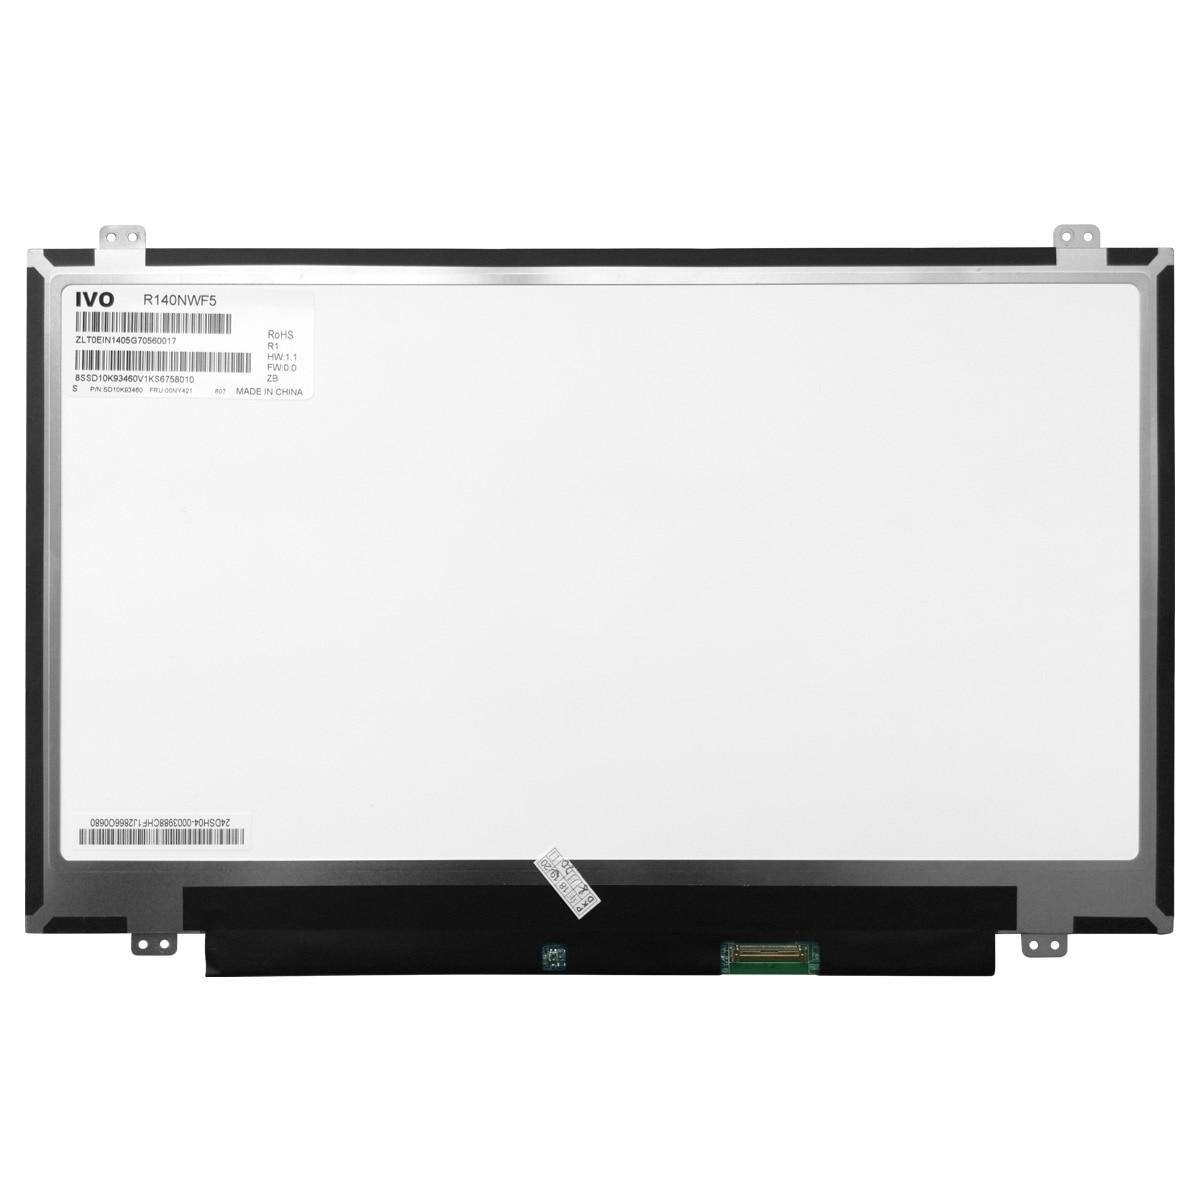 14,0 дюймовый IPS экран ноутбук с сенсорным экраном R140NWF5 R1/R6 для Lenovo Thinkpad T470S/T480S ЖК-дисплей светодиодный дисплей Fru 00UR895 P/NSD10M65528 40pinEDP